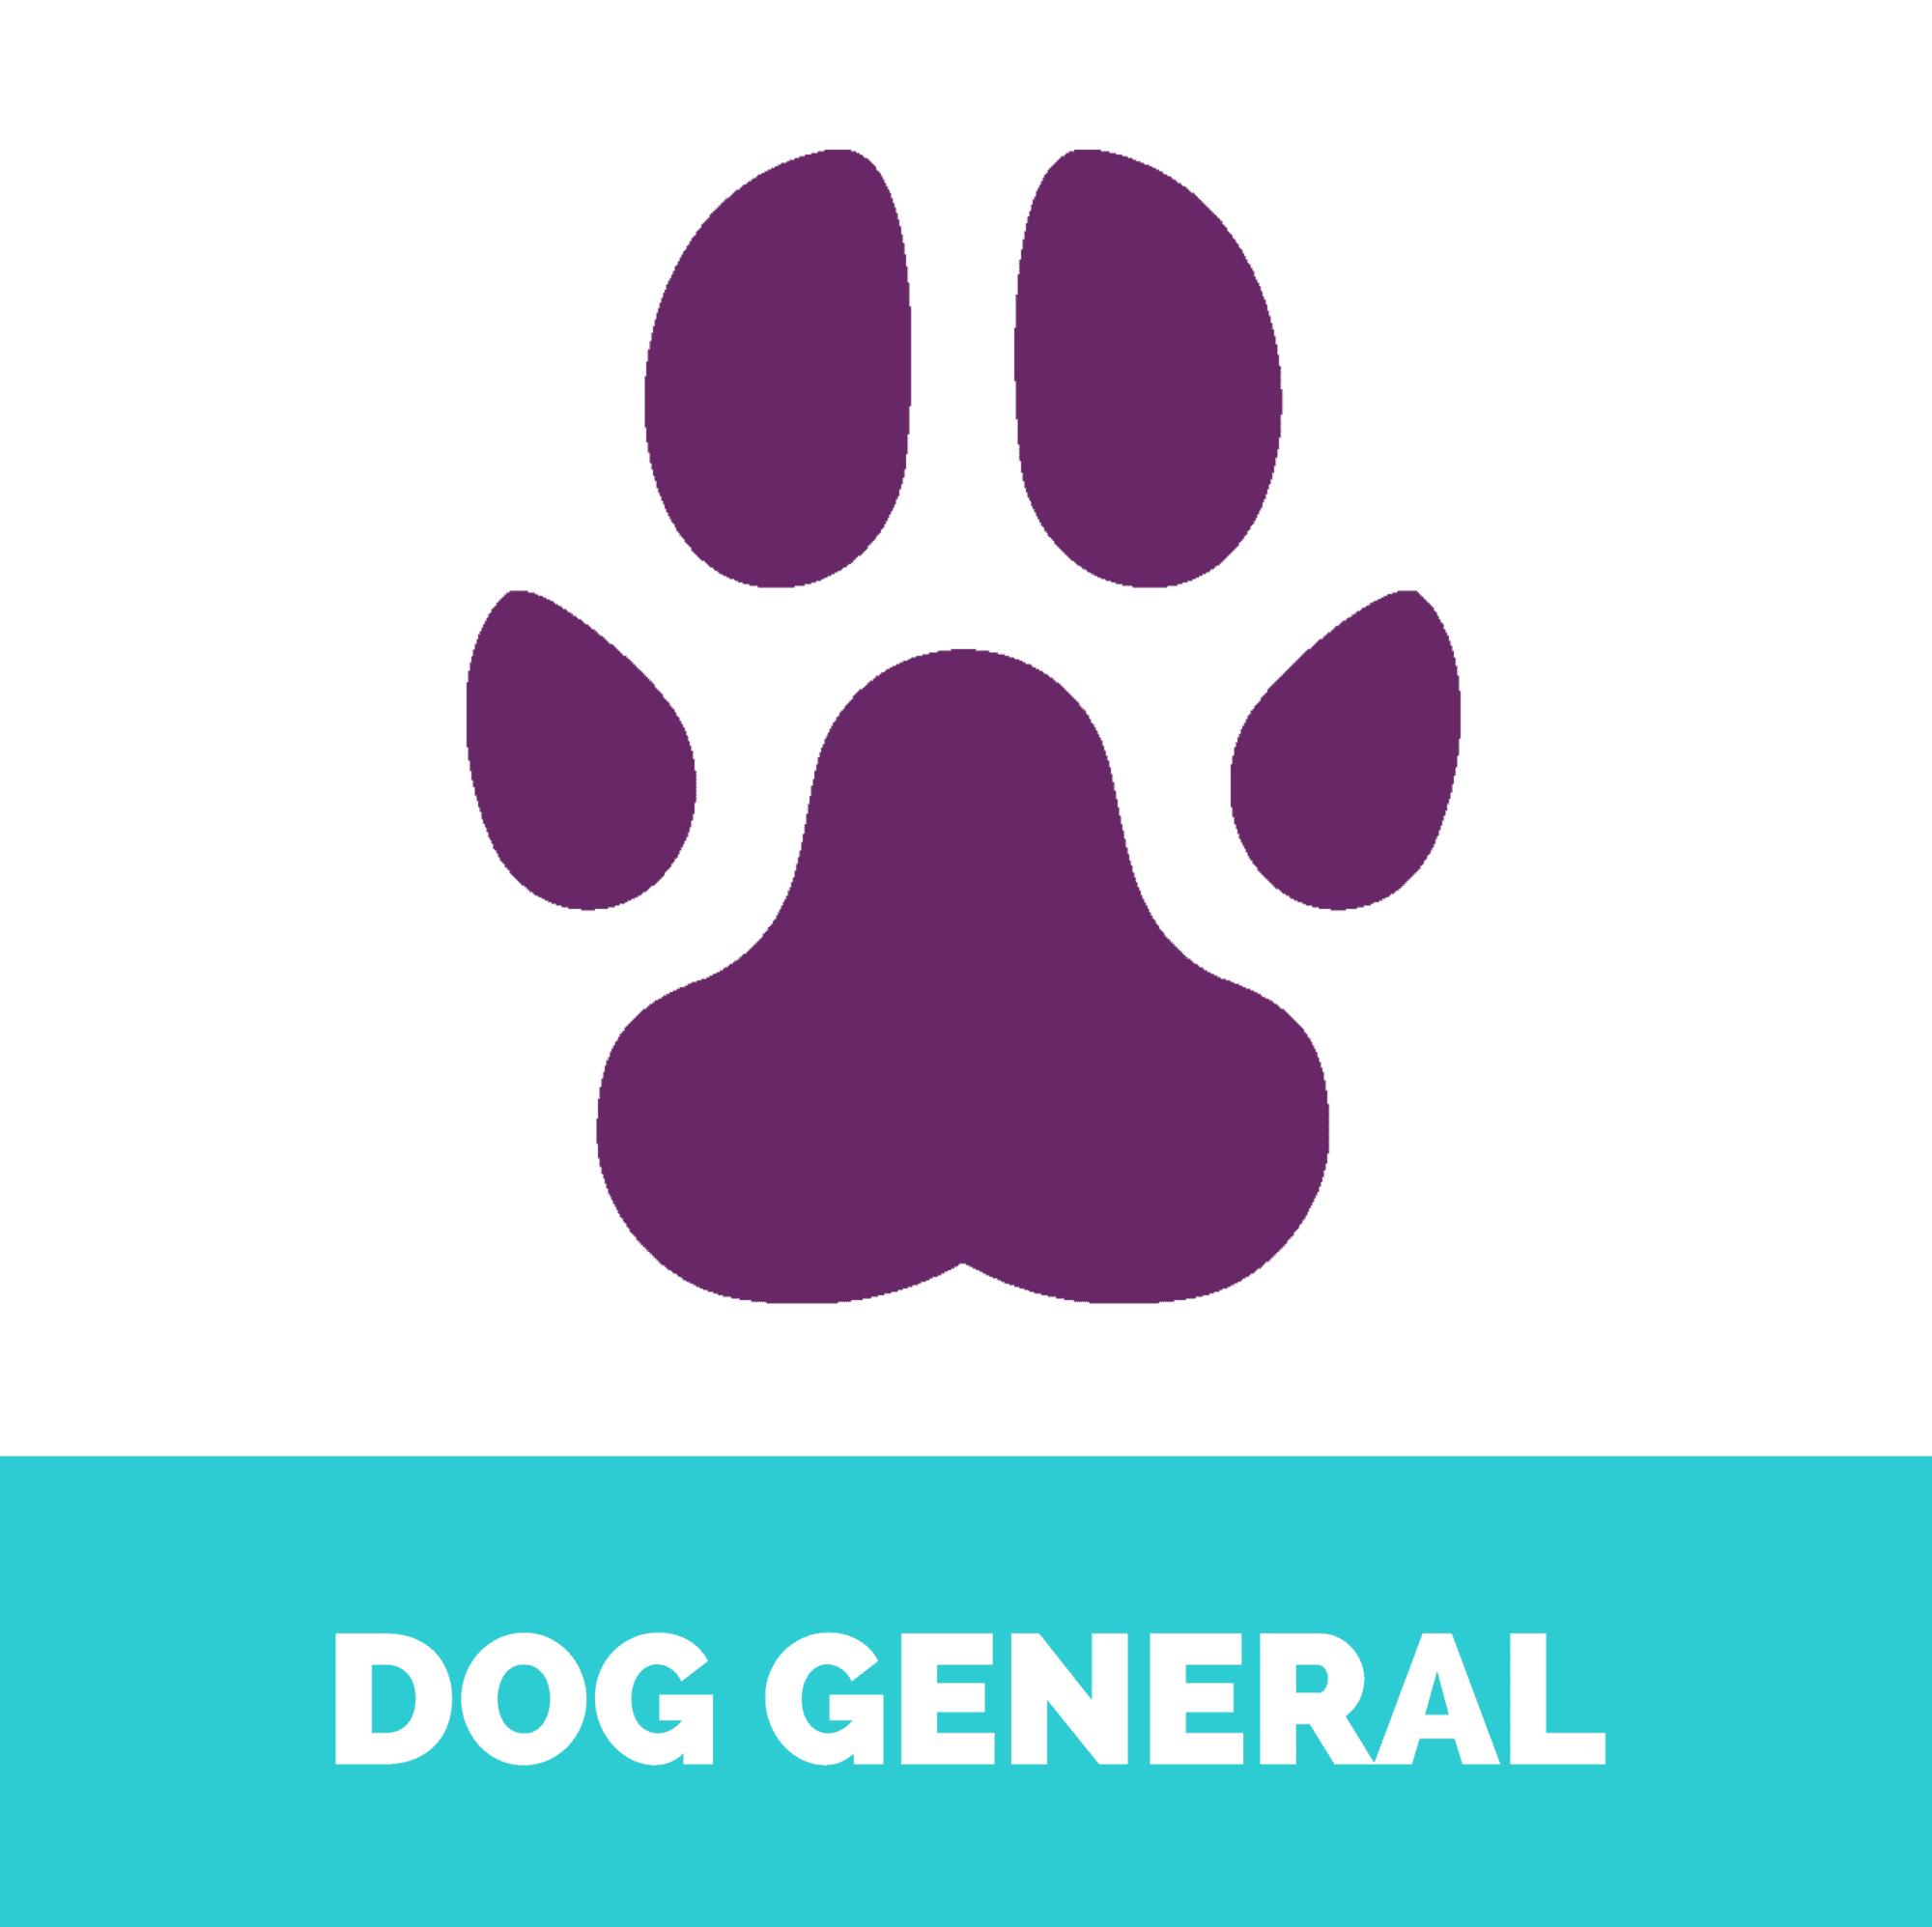 Dog general